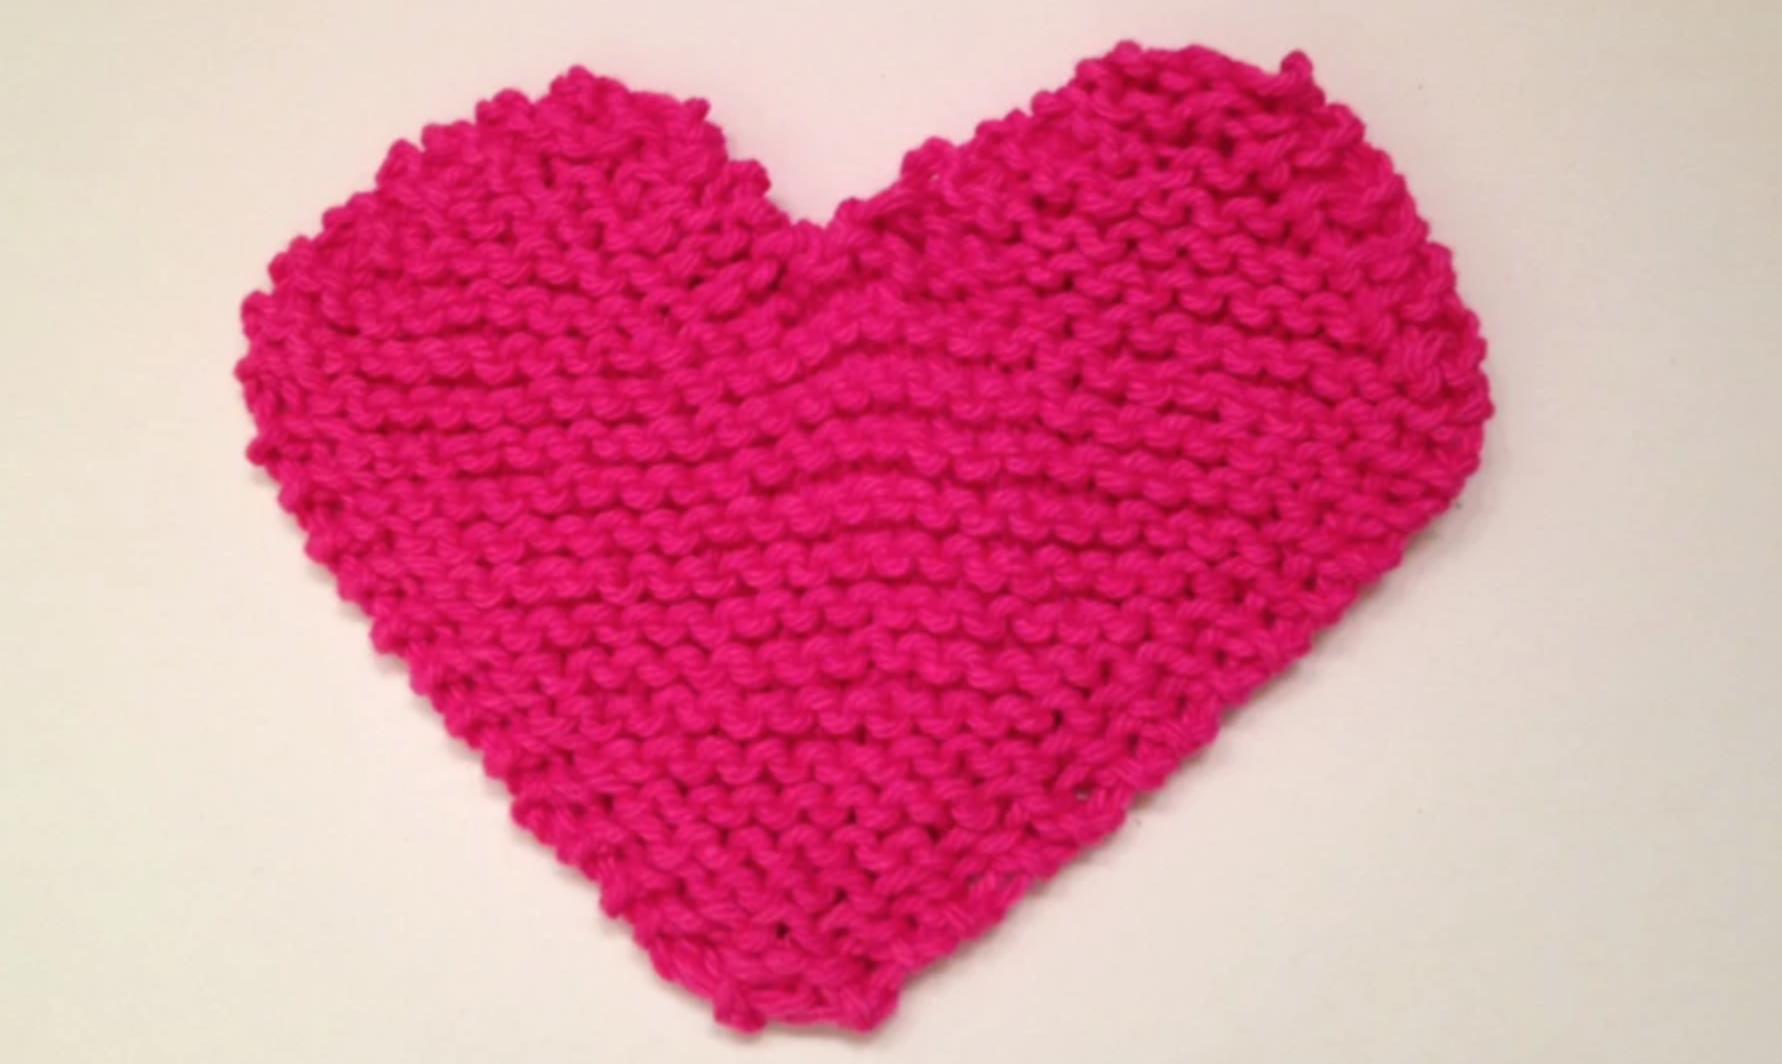 knit heart-shaped dishcloth